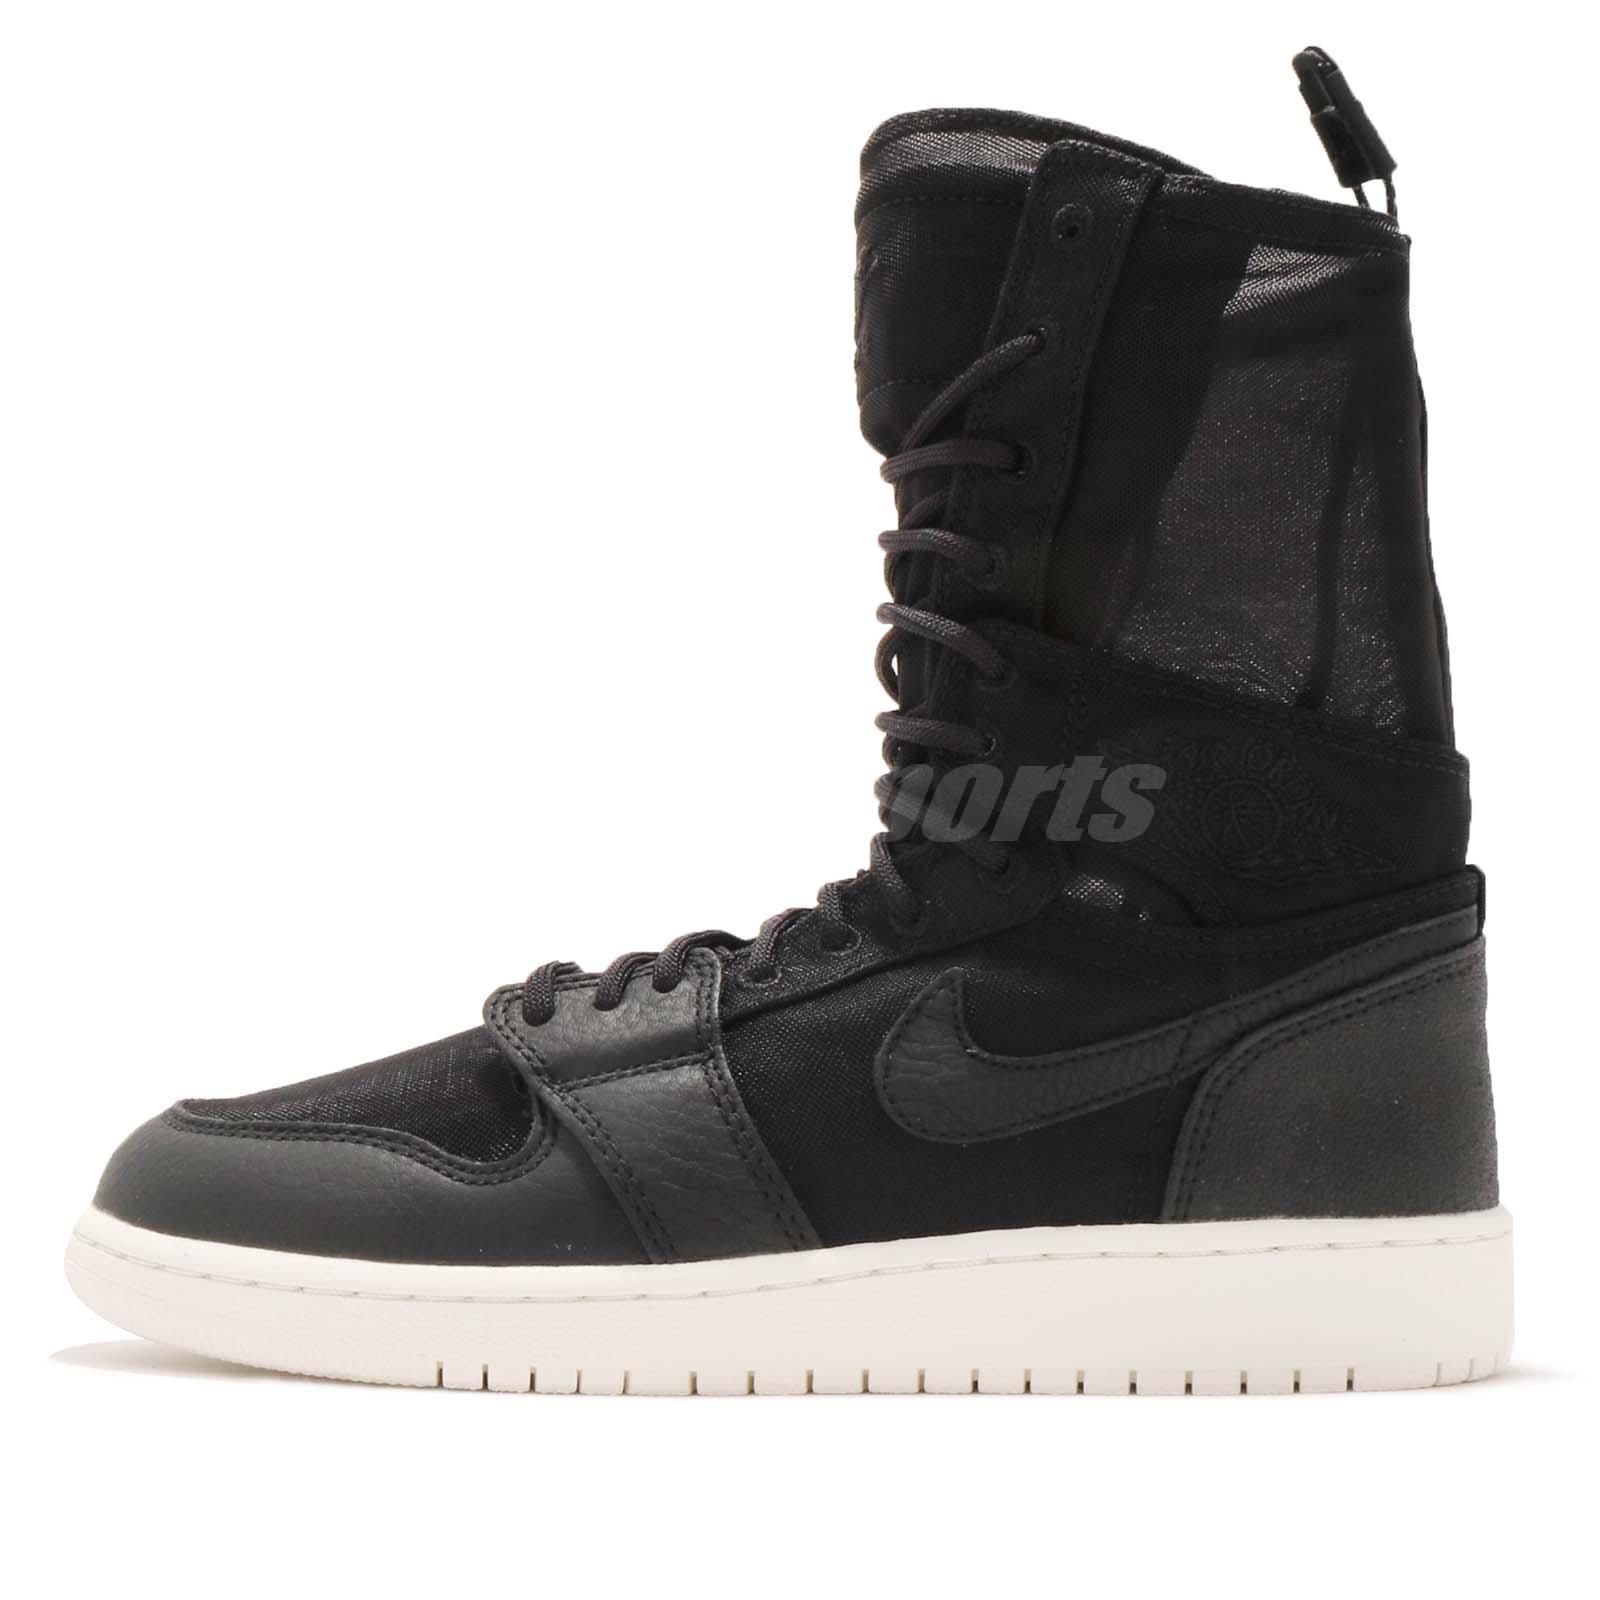 Nike Wmns Air Jordan 1 Explorer XX I